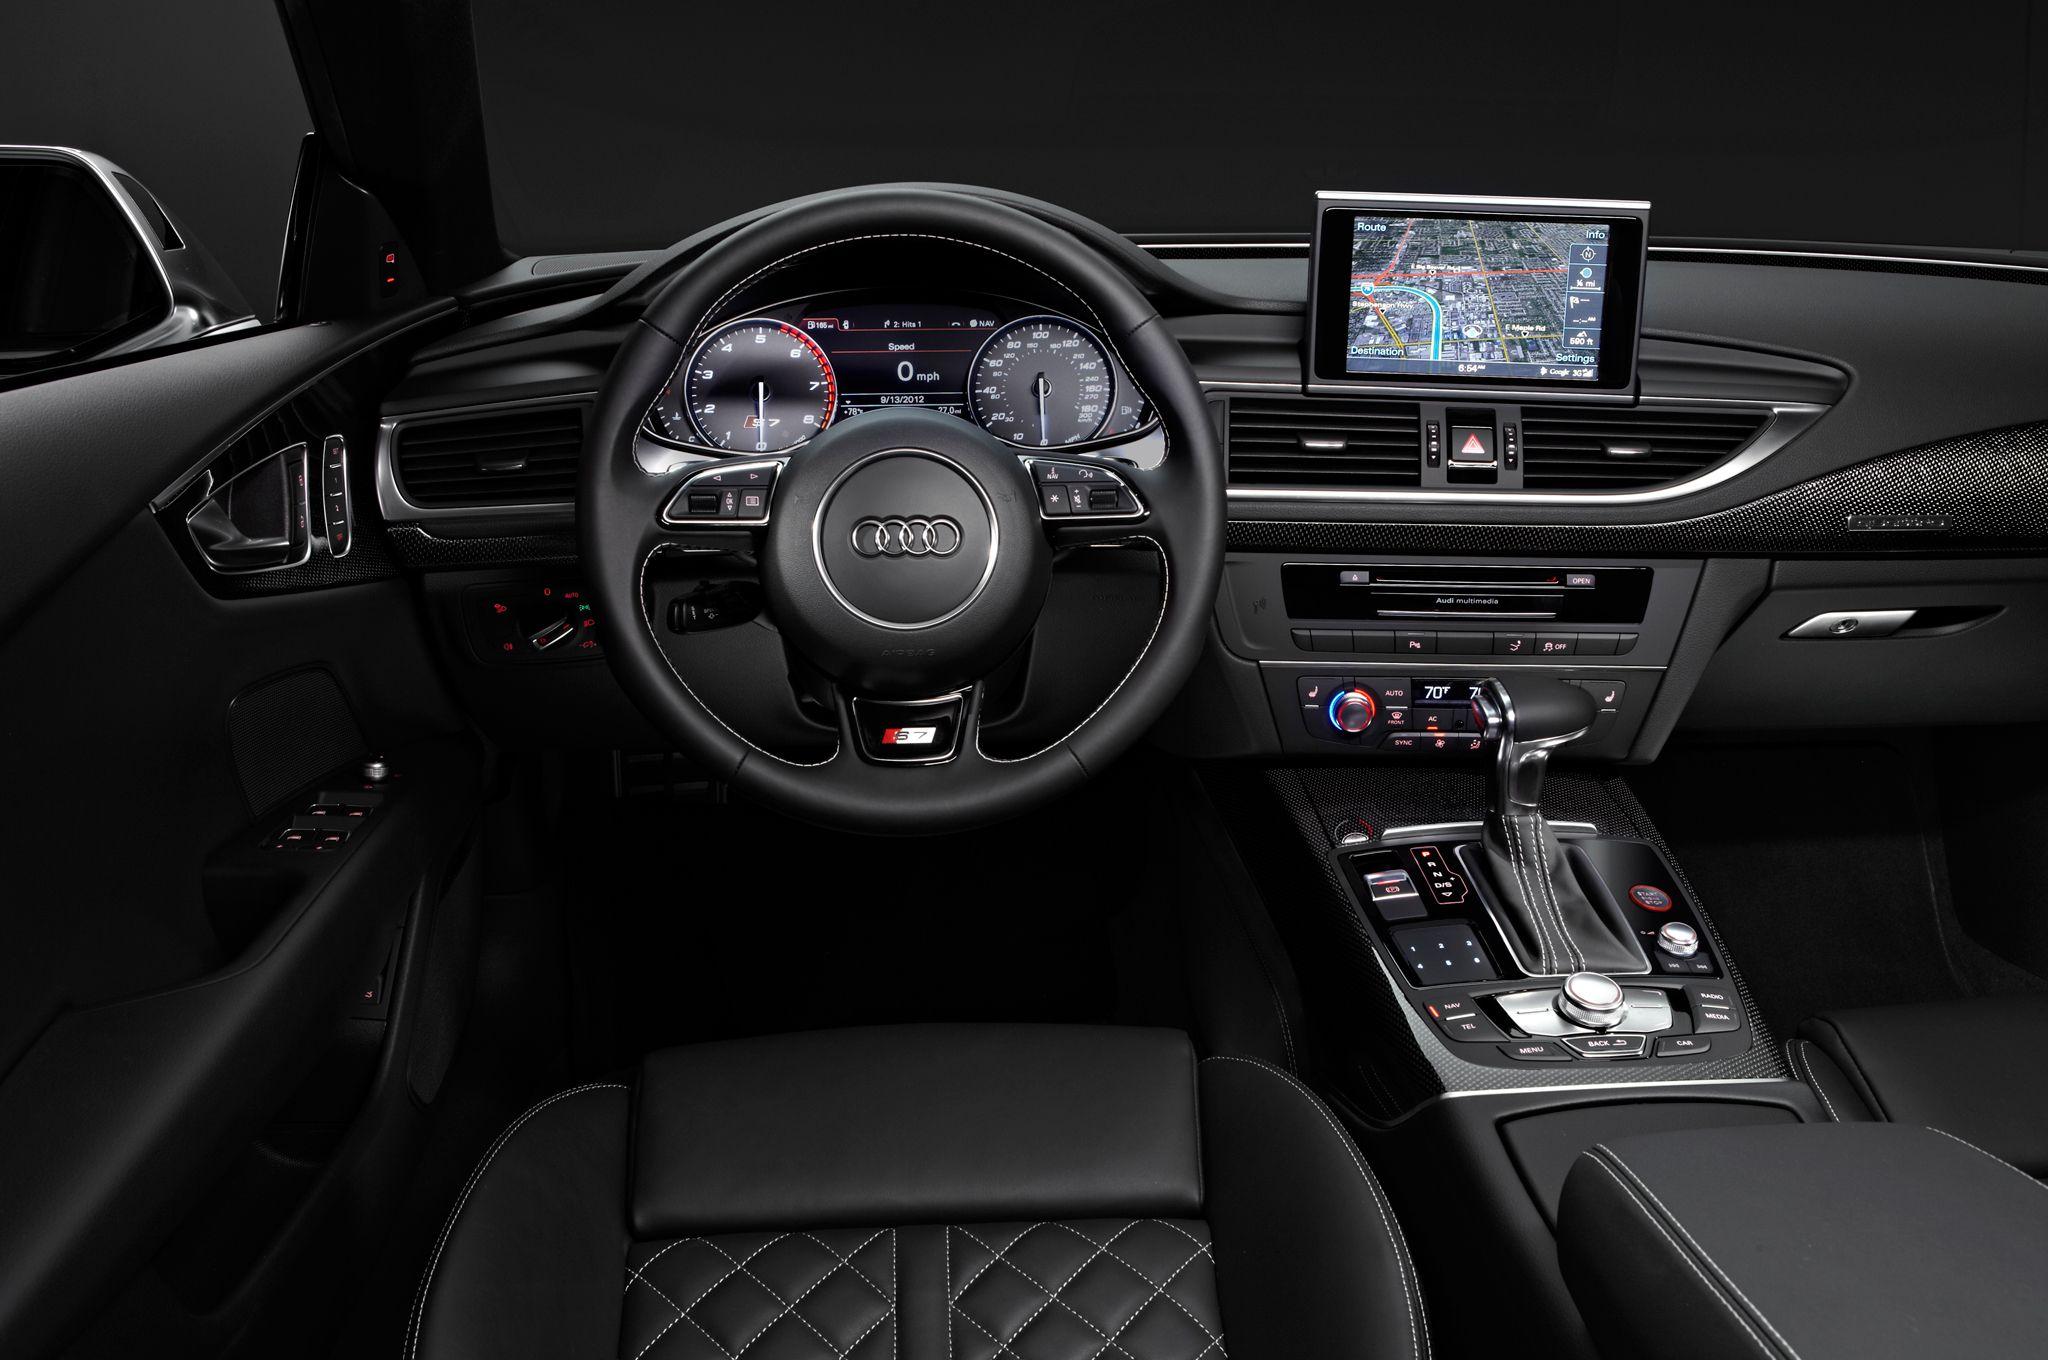 2014 Audi S7 Sedan | Audi Peoria http://www.audipeoria.com/showroom ...